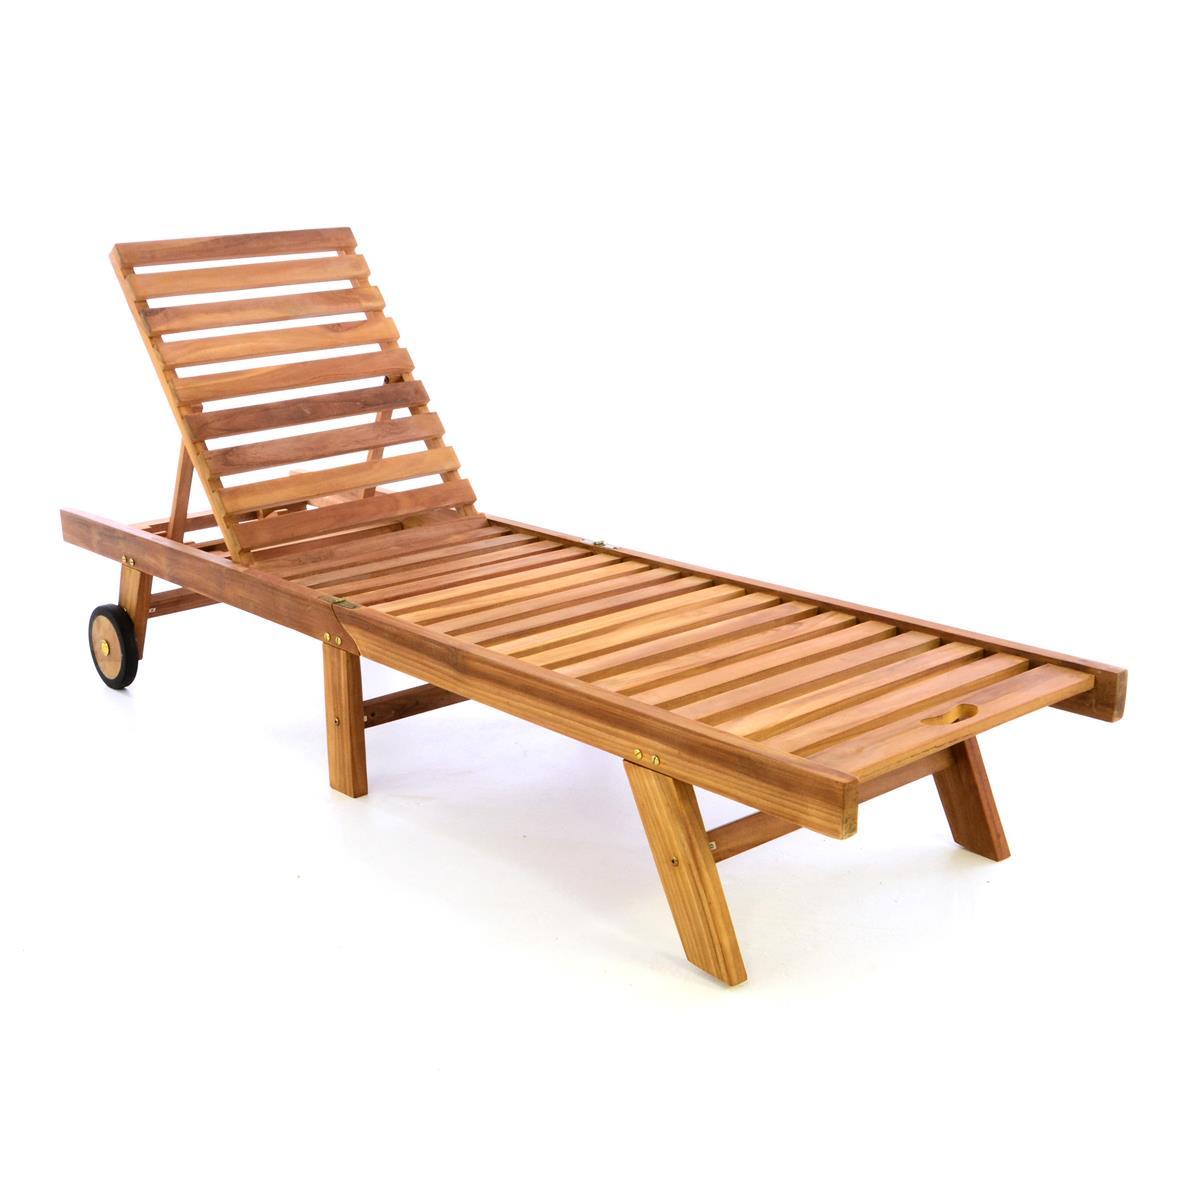 DIVERO Sonnenliege Gartenliege Liegestuhl Teak Holz klappbar behandelt